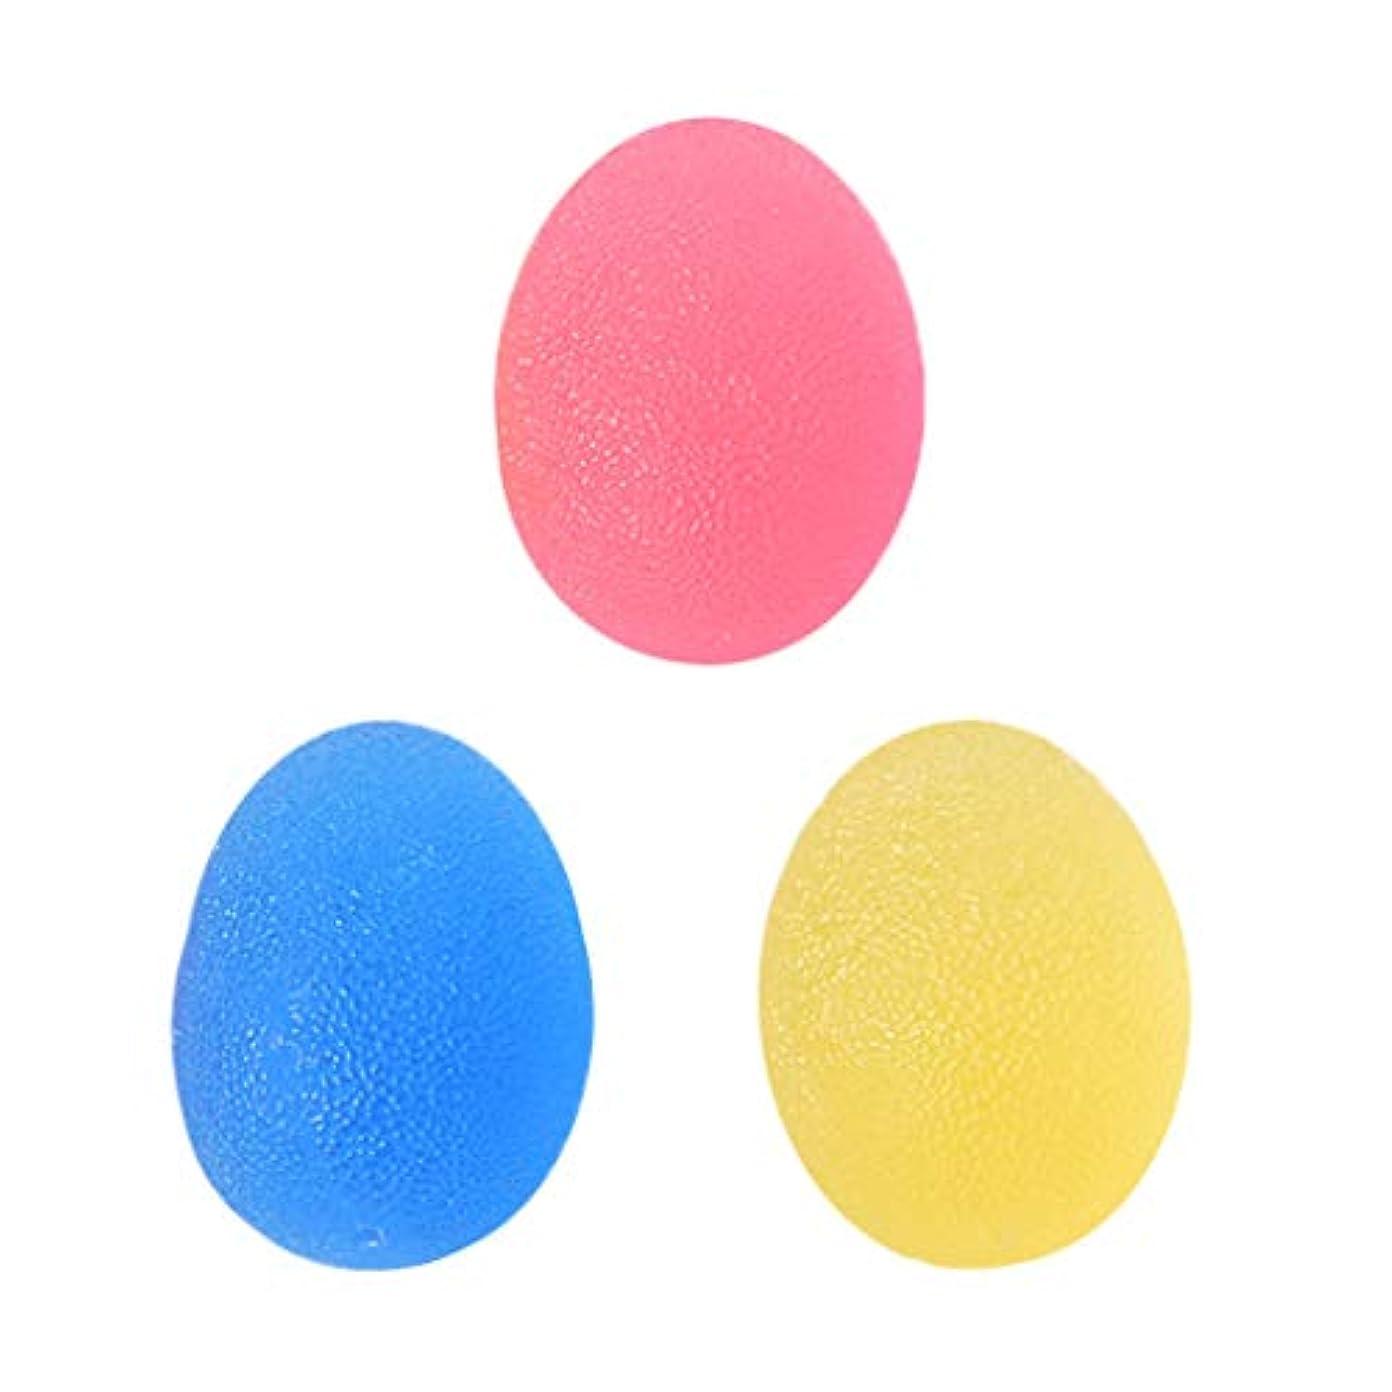 グラス構築する名詞Baoblaze 3個 ハンドエクササイザ スクイズボール ツボ押し 強度ボール TPE製